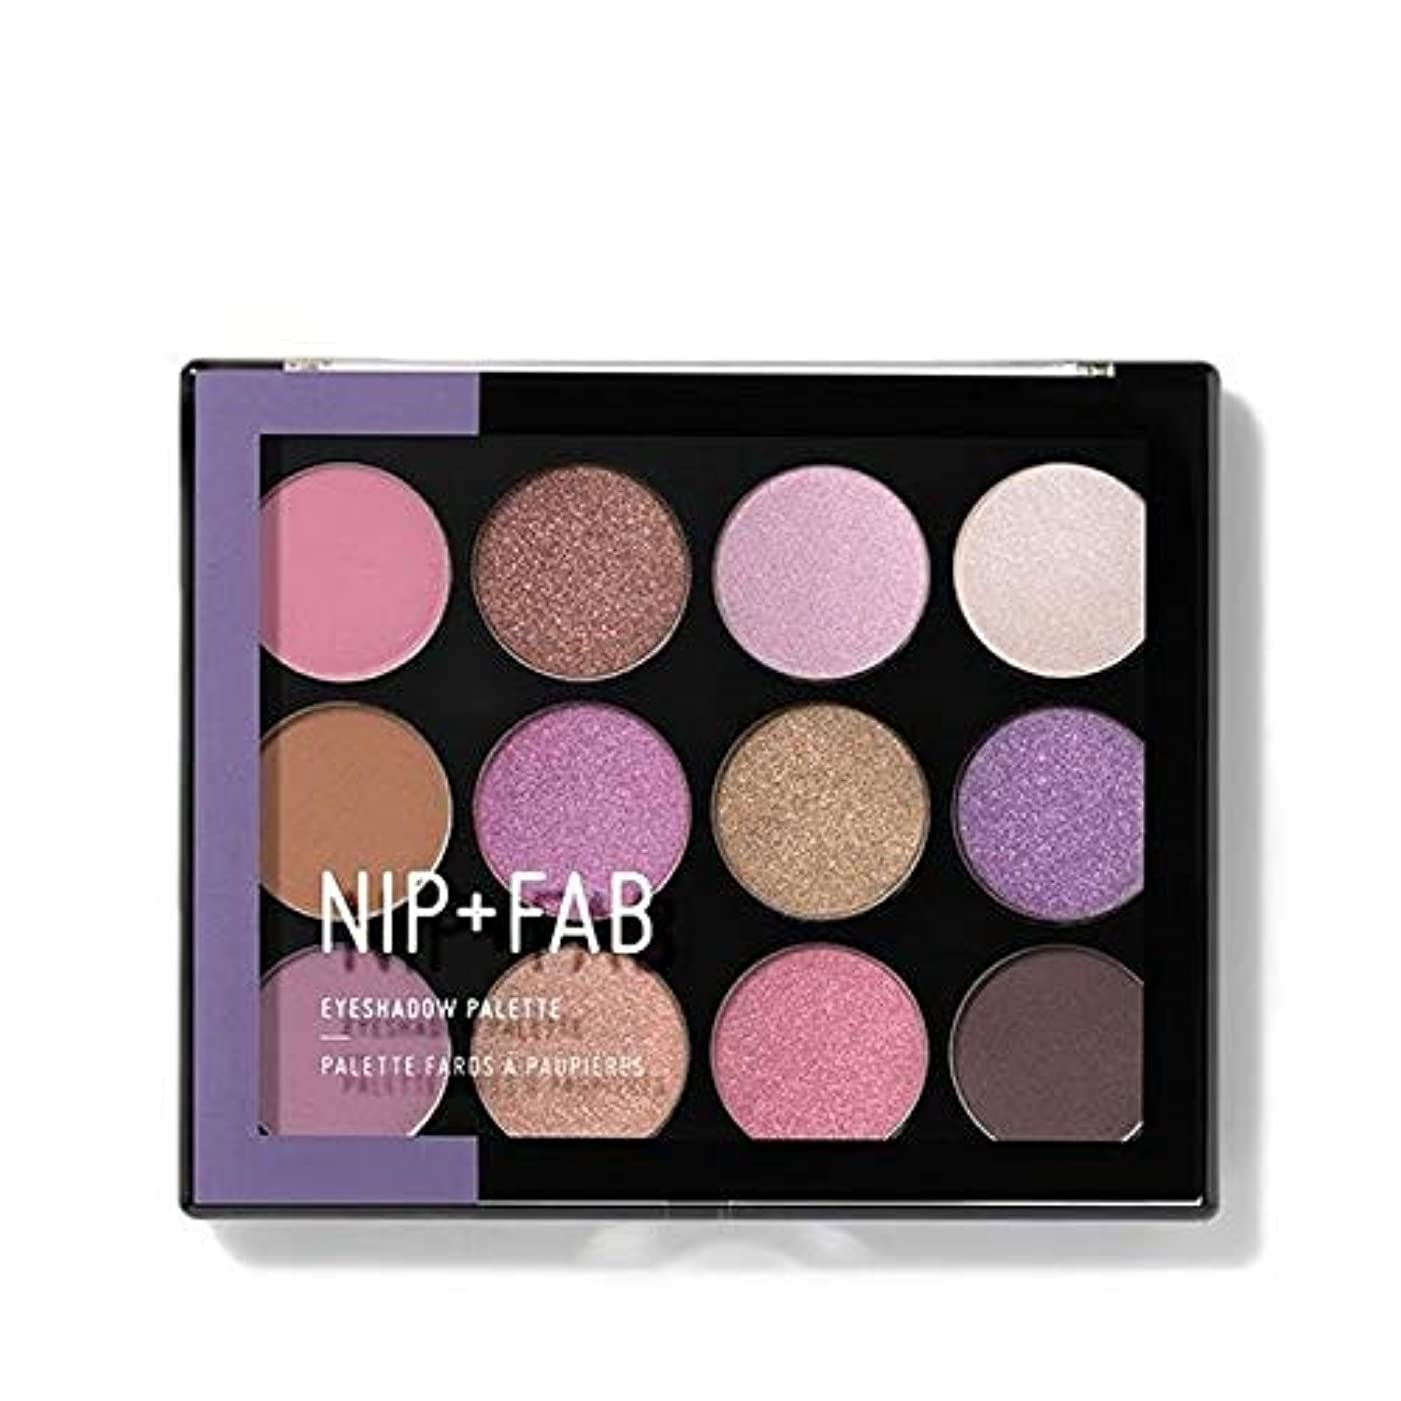 してはいけないスペル議会[Nip & Fab ] アイシャドウパレット5を構成するFab +ニップ - NIP+FAB Make Up Eyeshadow Palette 5 [並行輸入品]